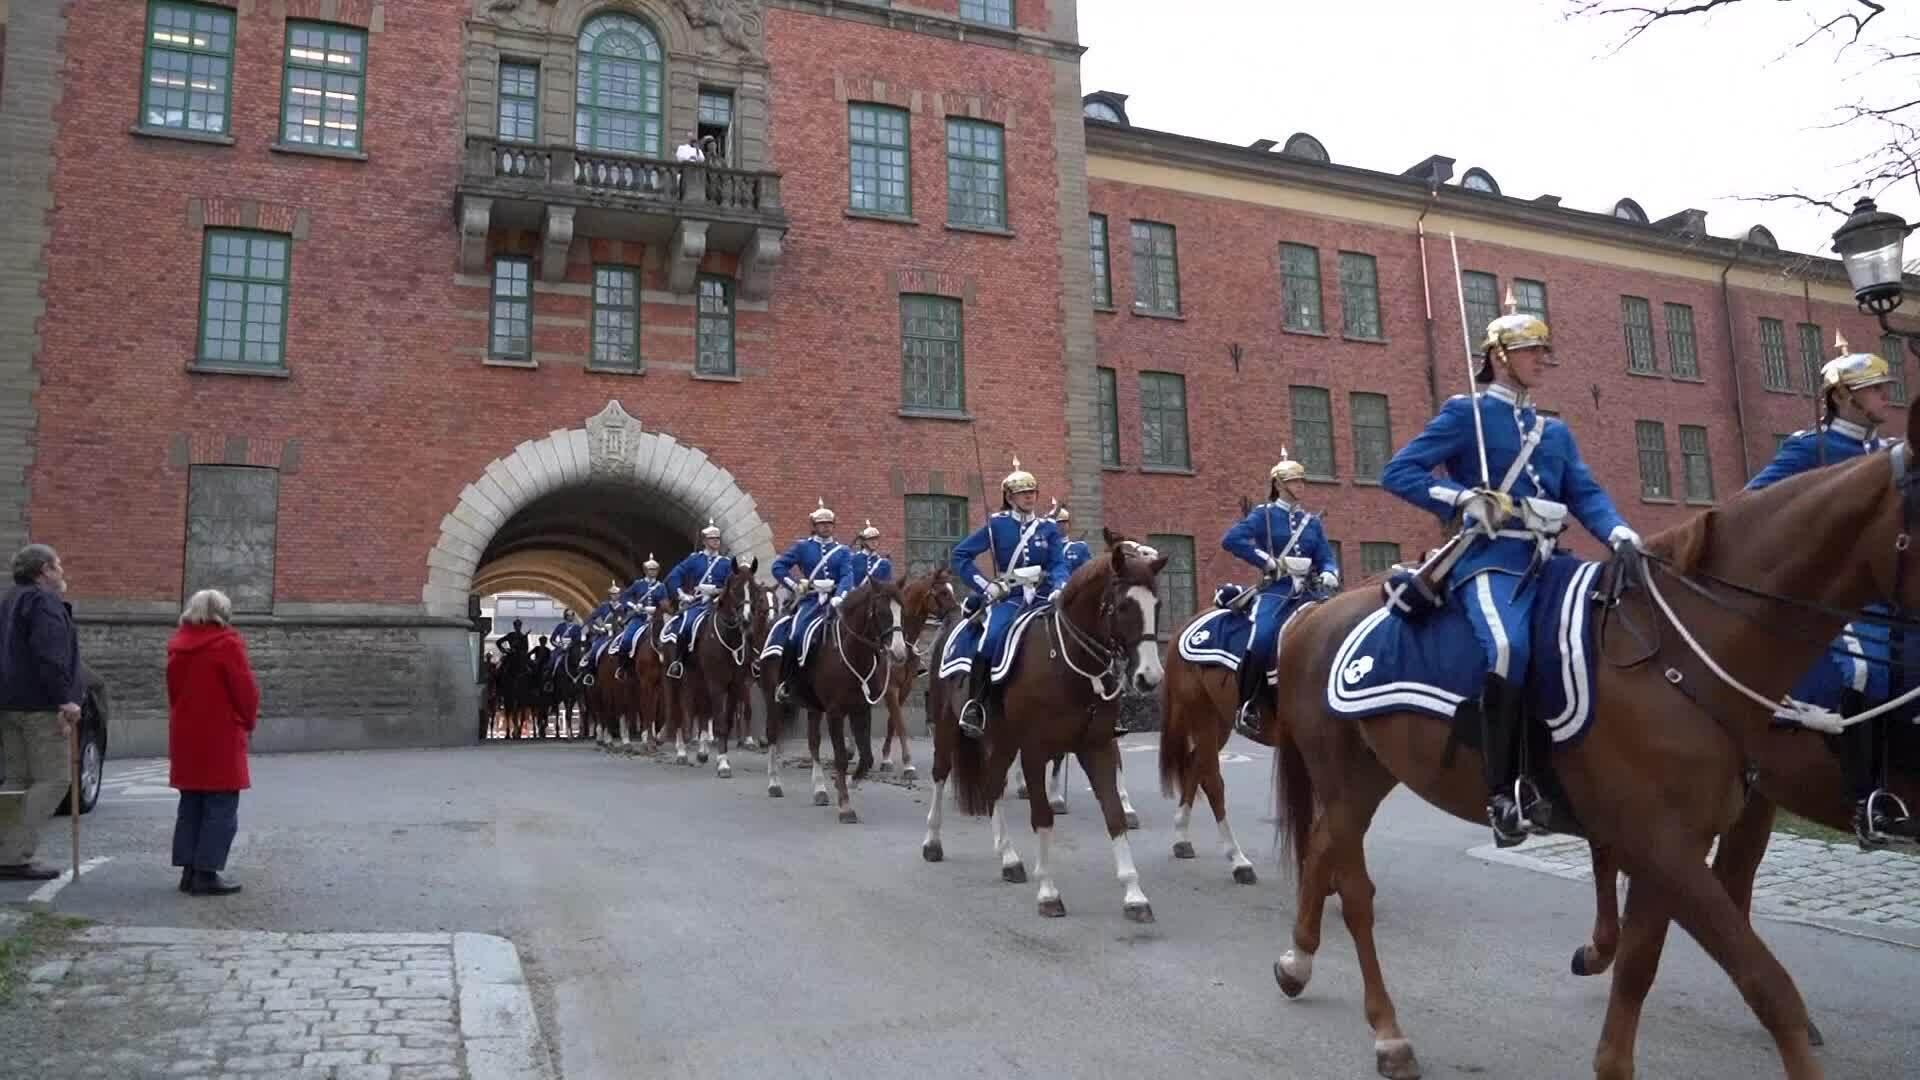 Kỵ binh Thụy Điển diễu hành tới cung điện để đổi gác